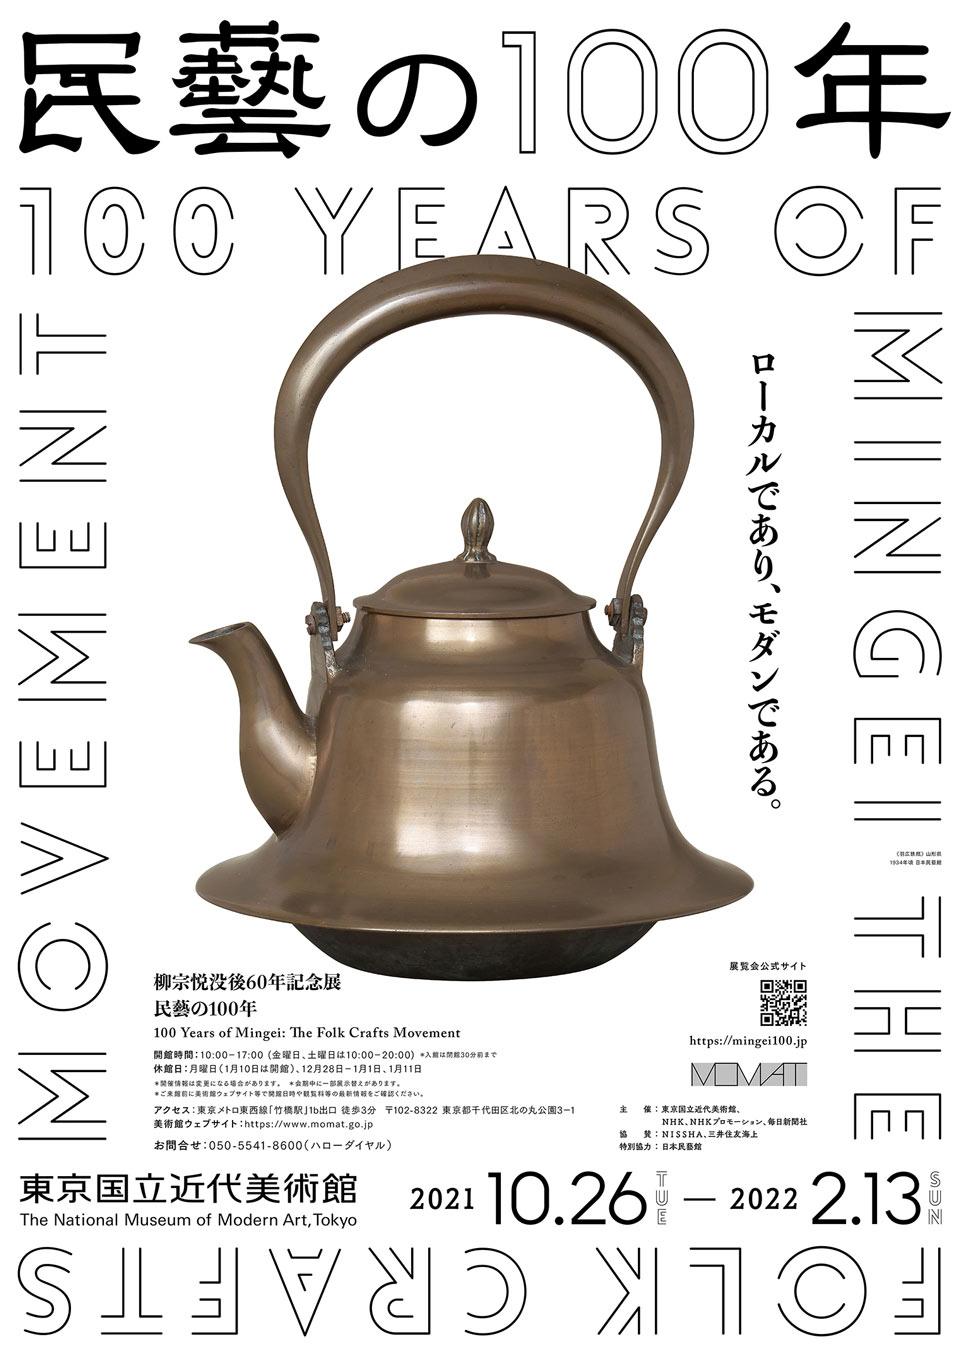 ポスタービジュアル (《羽広鉄瓶》 山形県 1934年頃 日本民藝館)